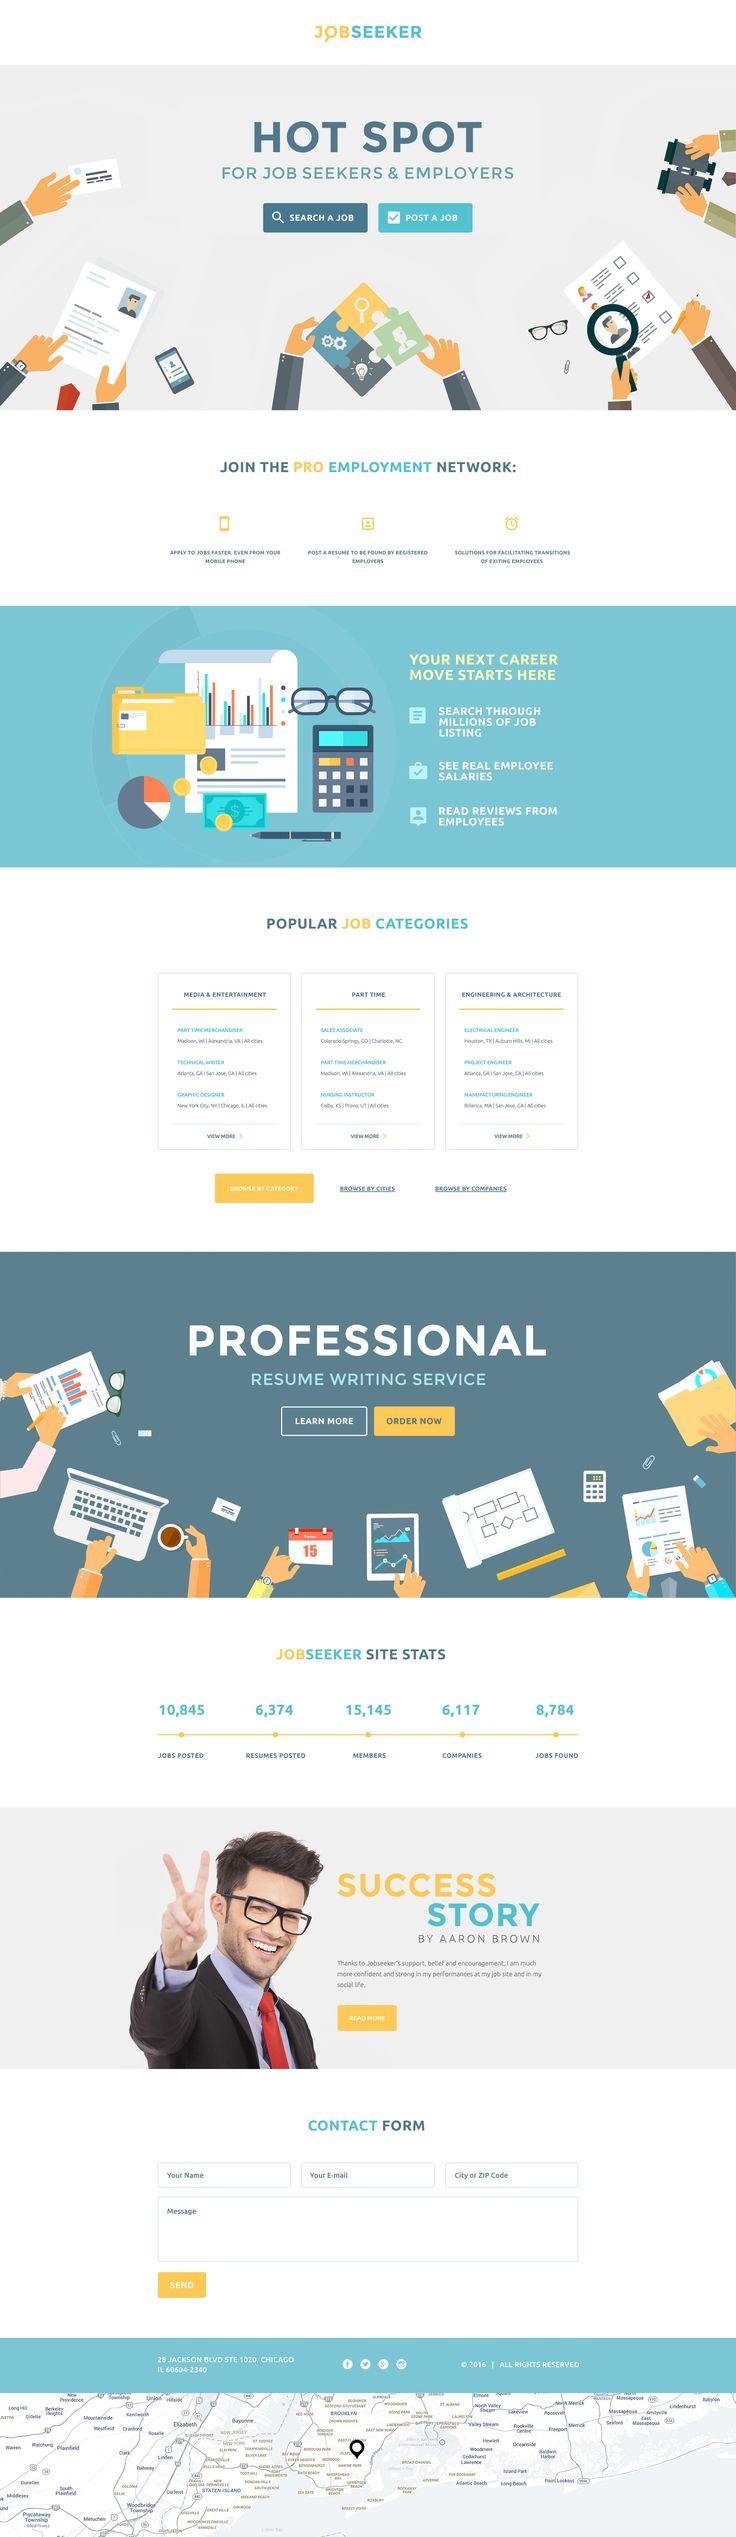 17 melhores ideias sobre job portal no layouts de job seeker landing page template